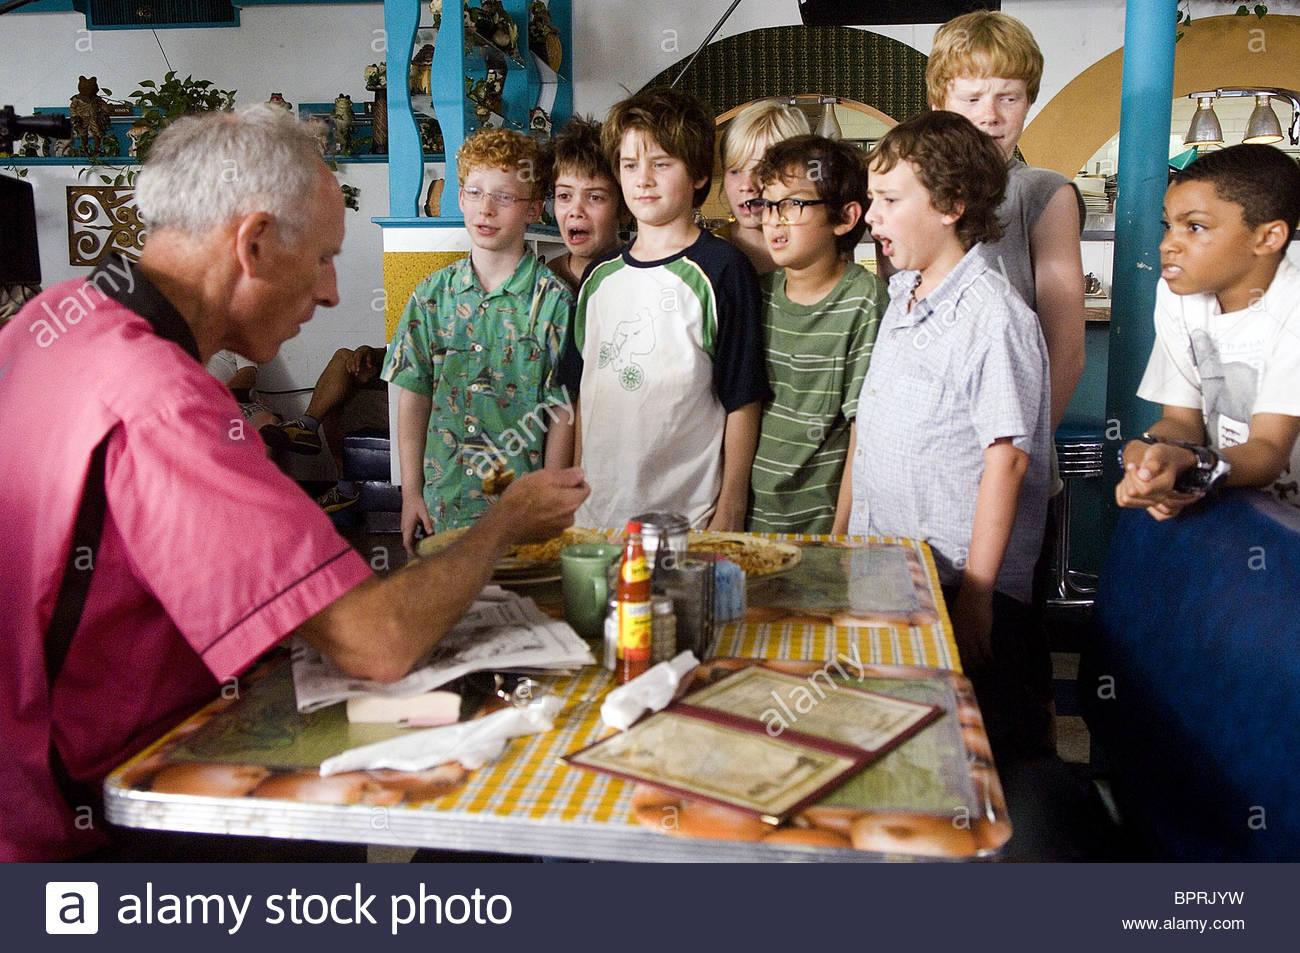 James Rebhorn Andrew Gillingham Alexander Gould Luke Benward Blake Garrett  & Philip Bolden How To Eat